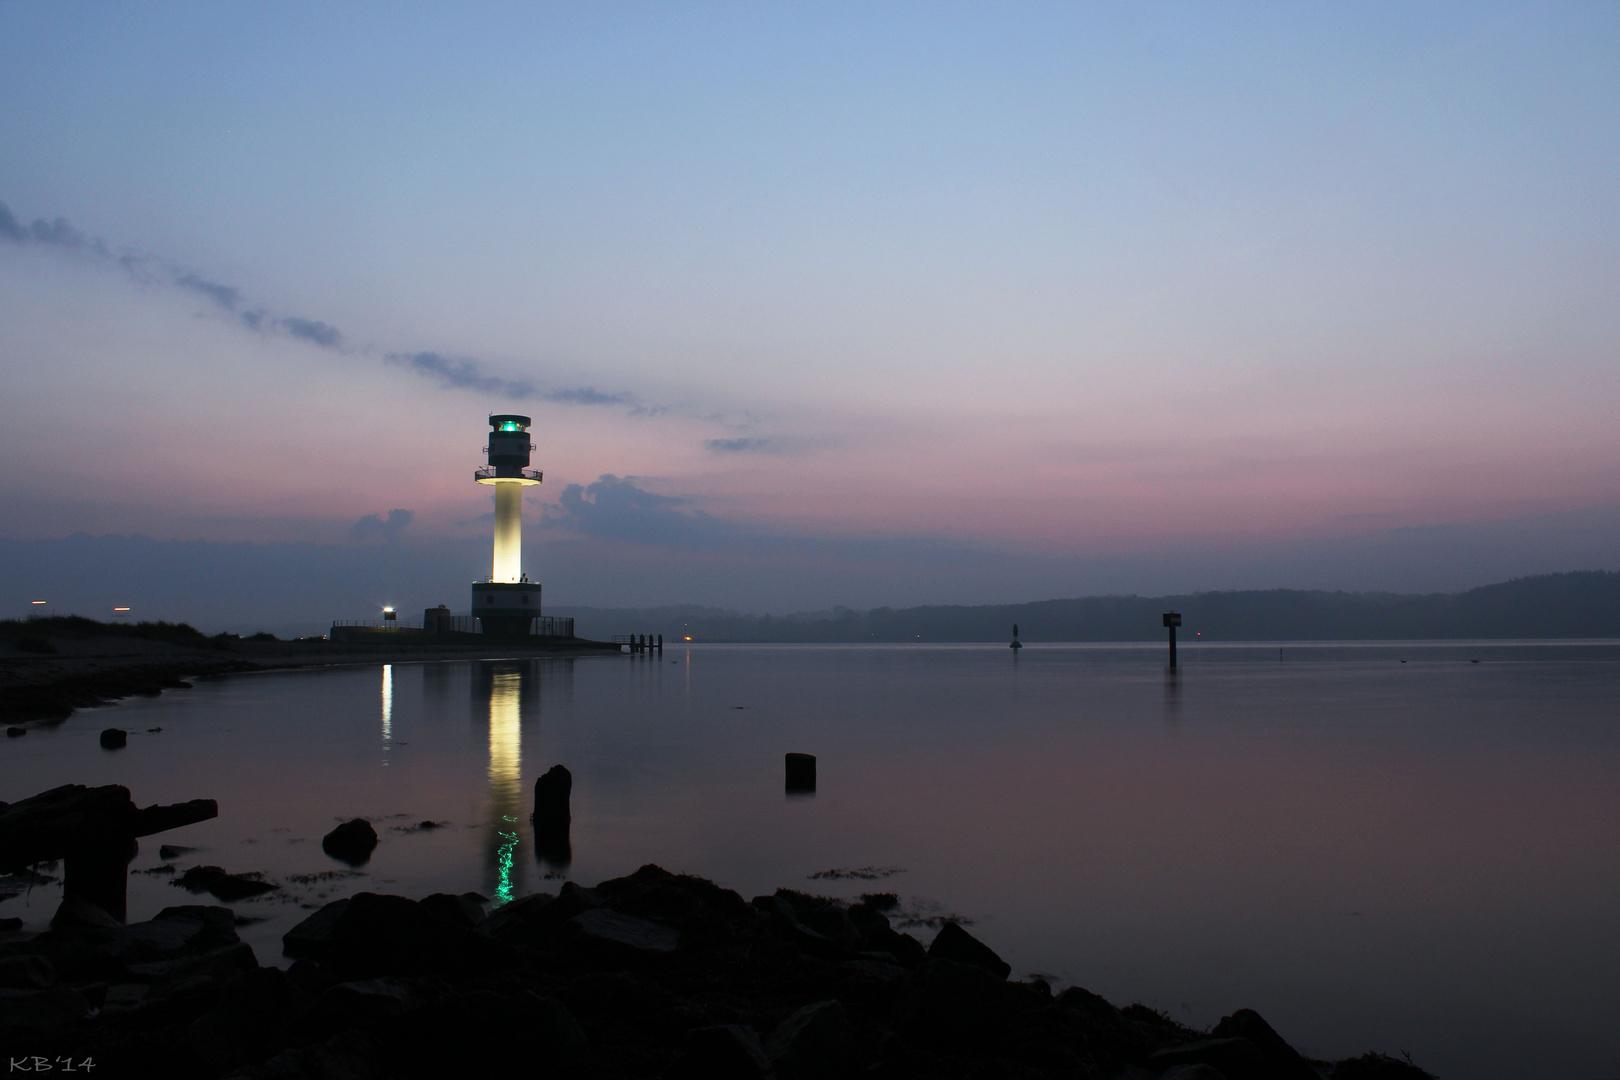 Leuchtturm am Falkensteiner Strand an der Kieler Förde heute früh